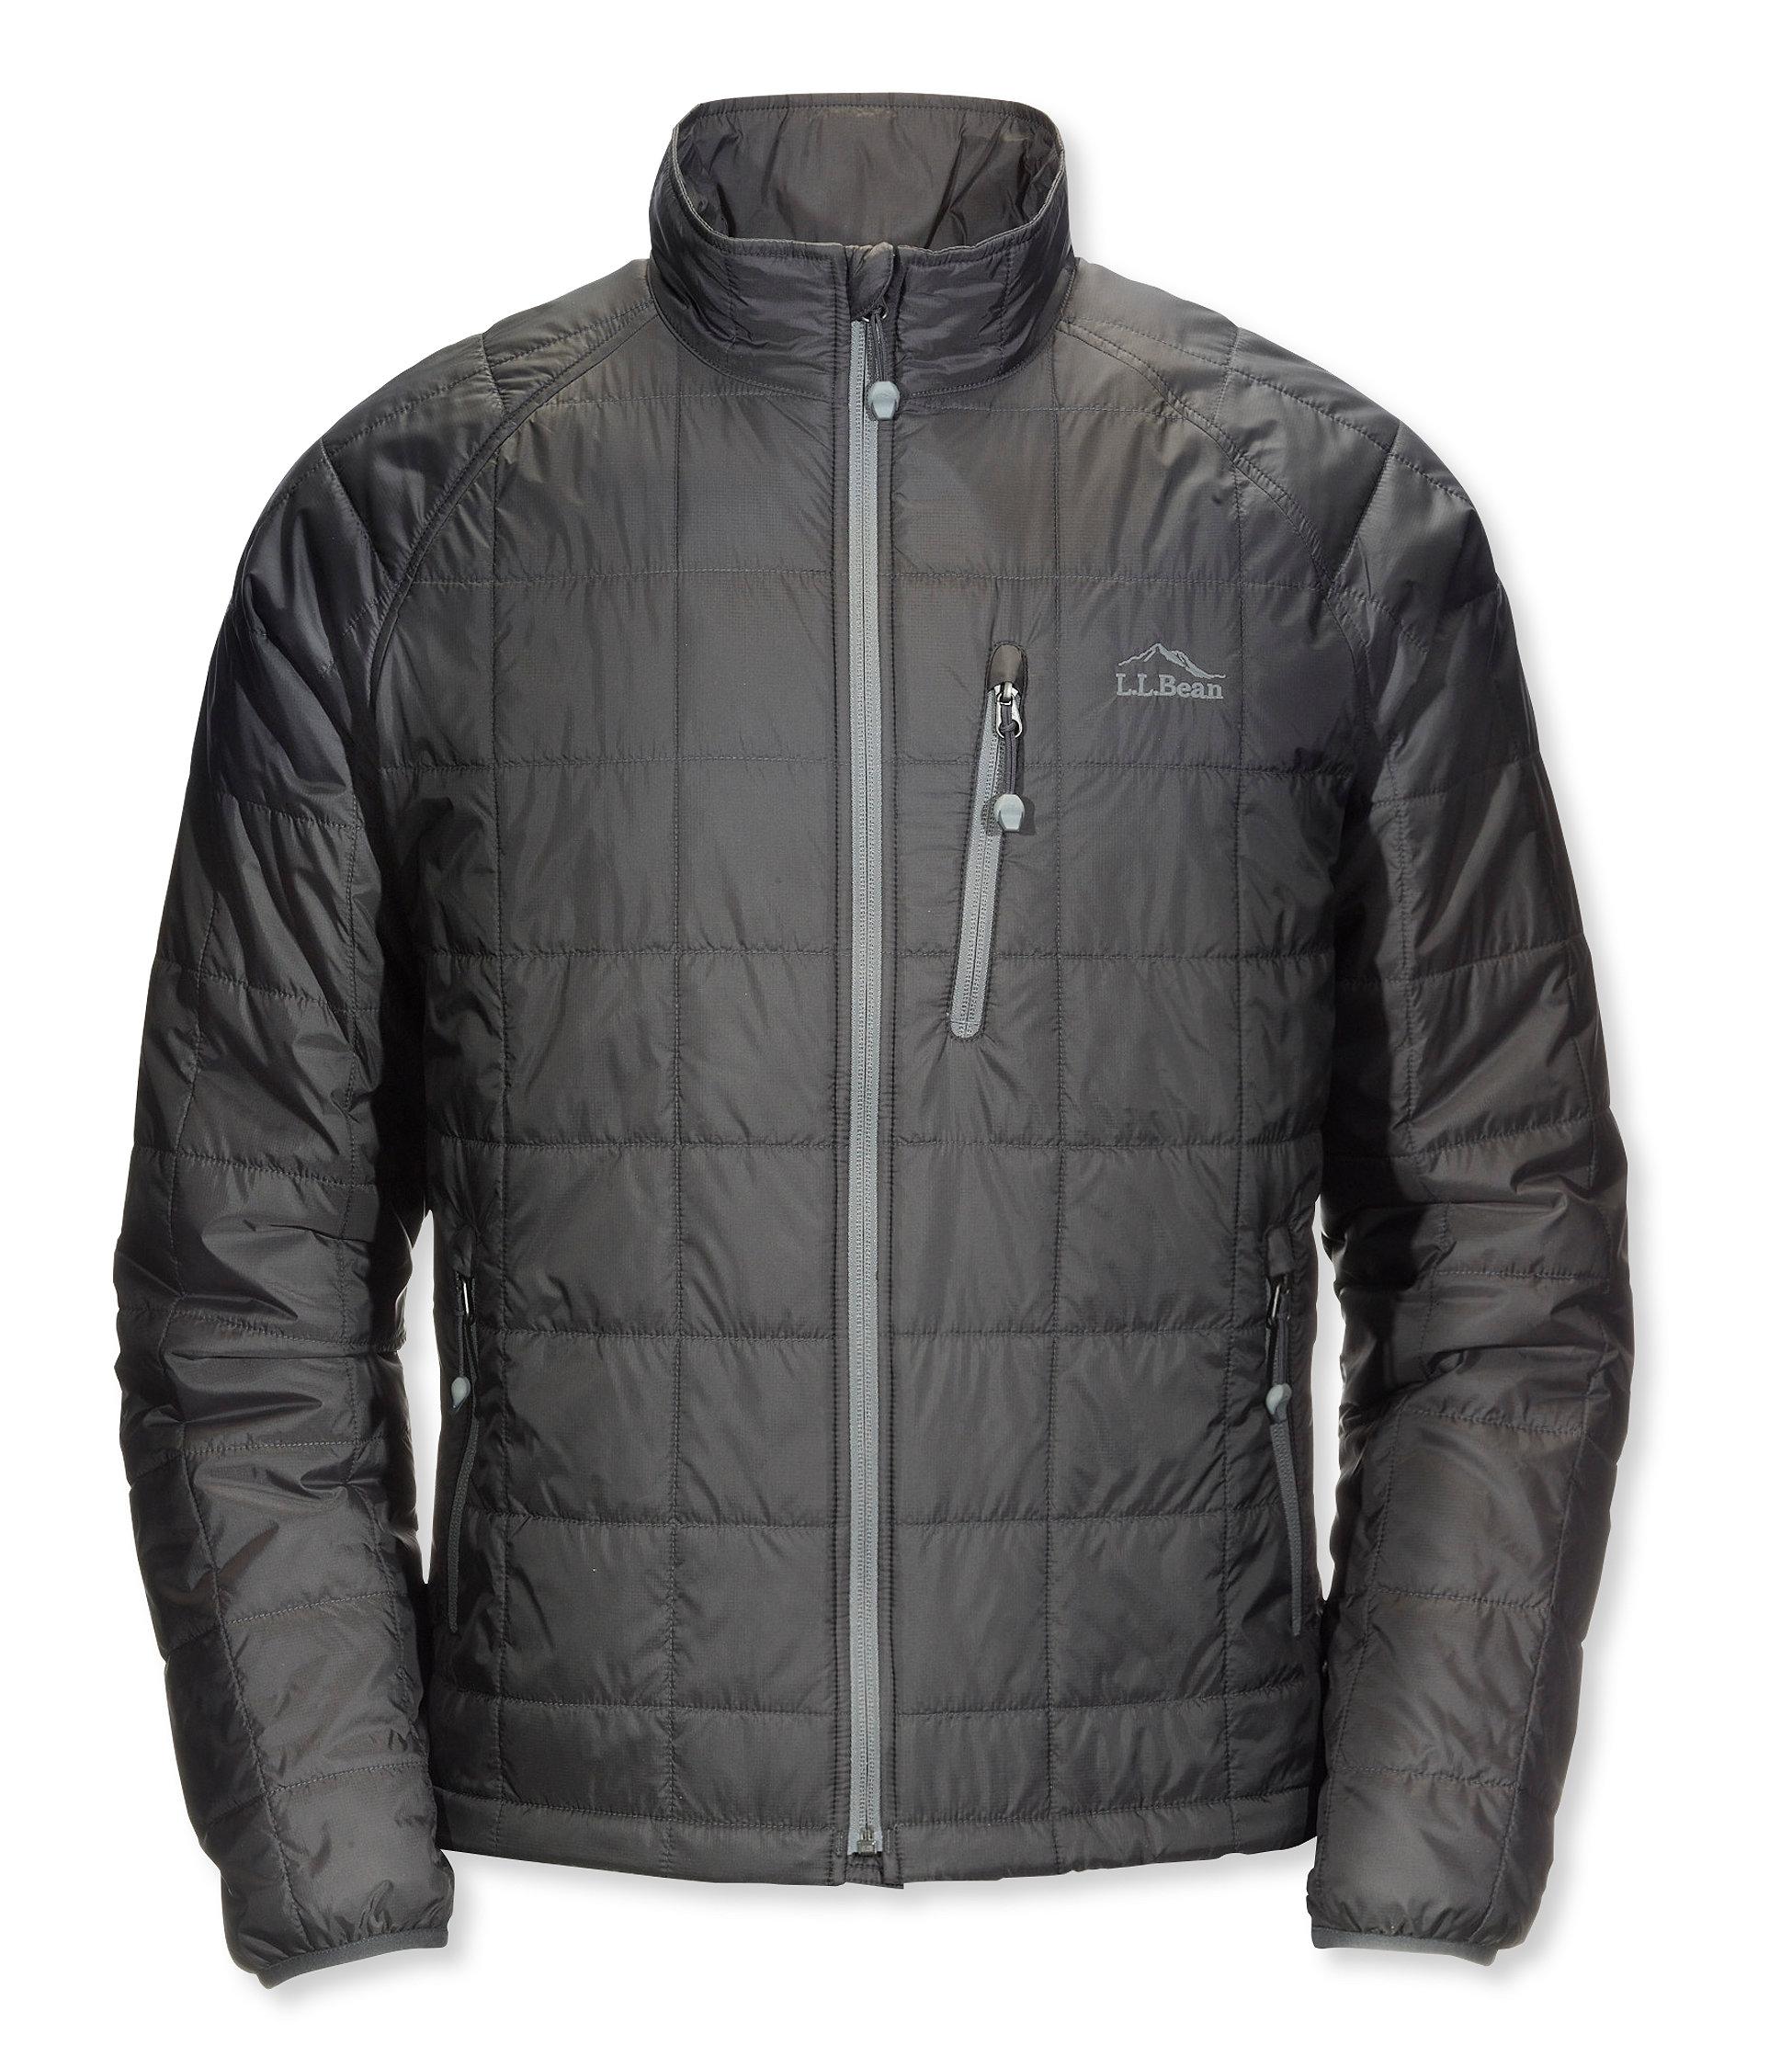 L.L.Bean Ascent Packaway Jacket